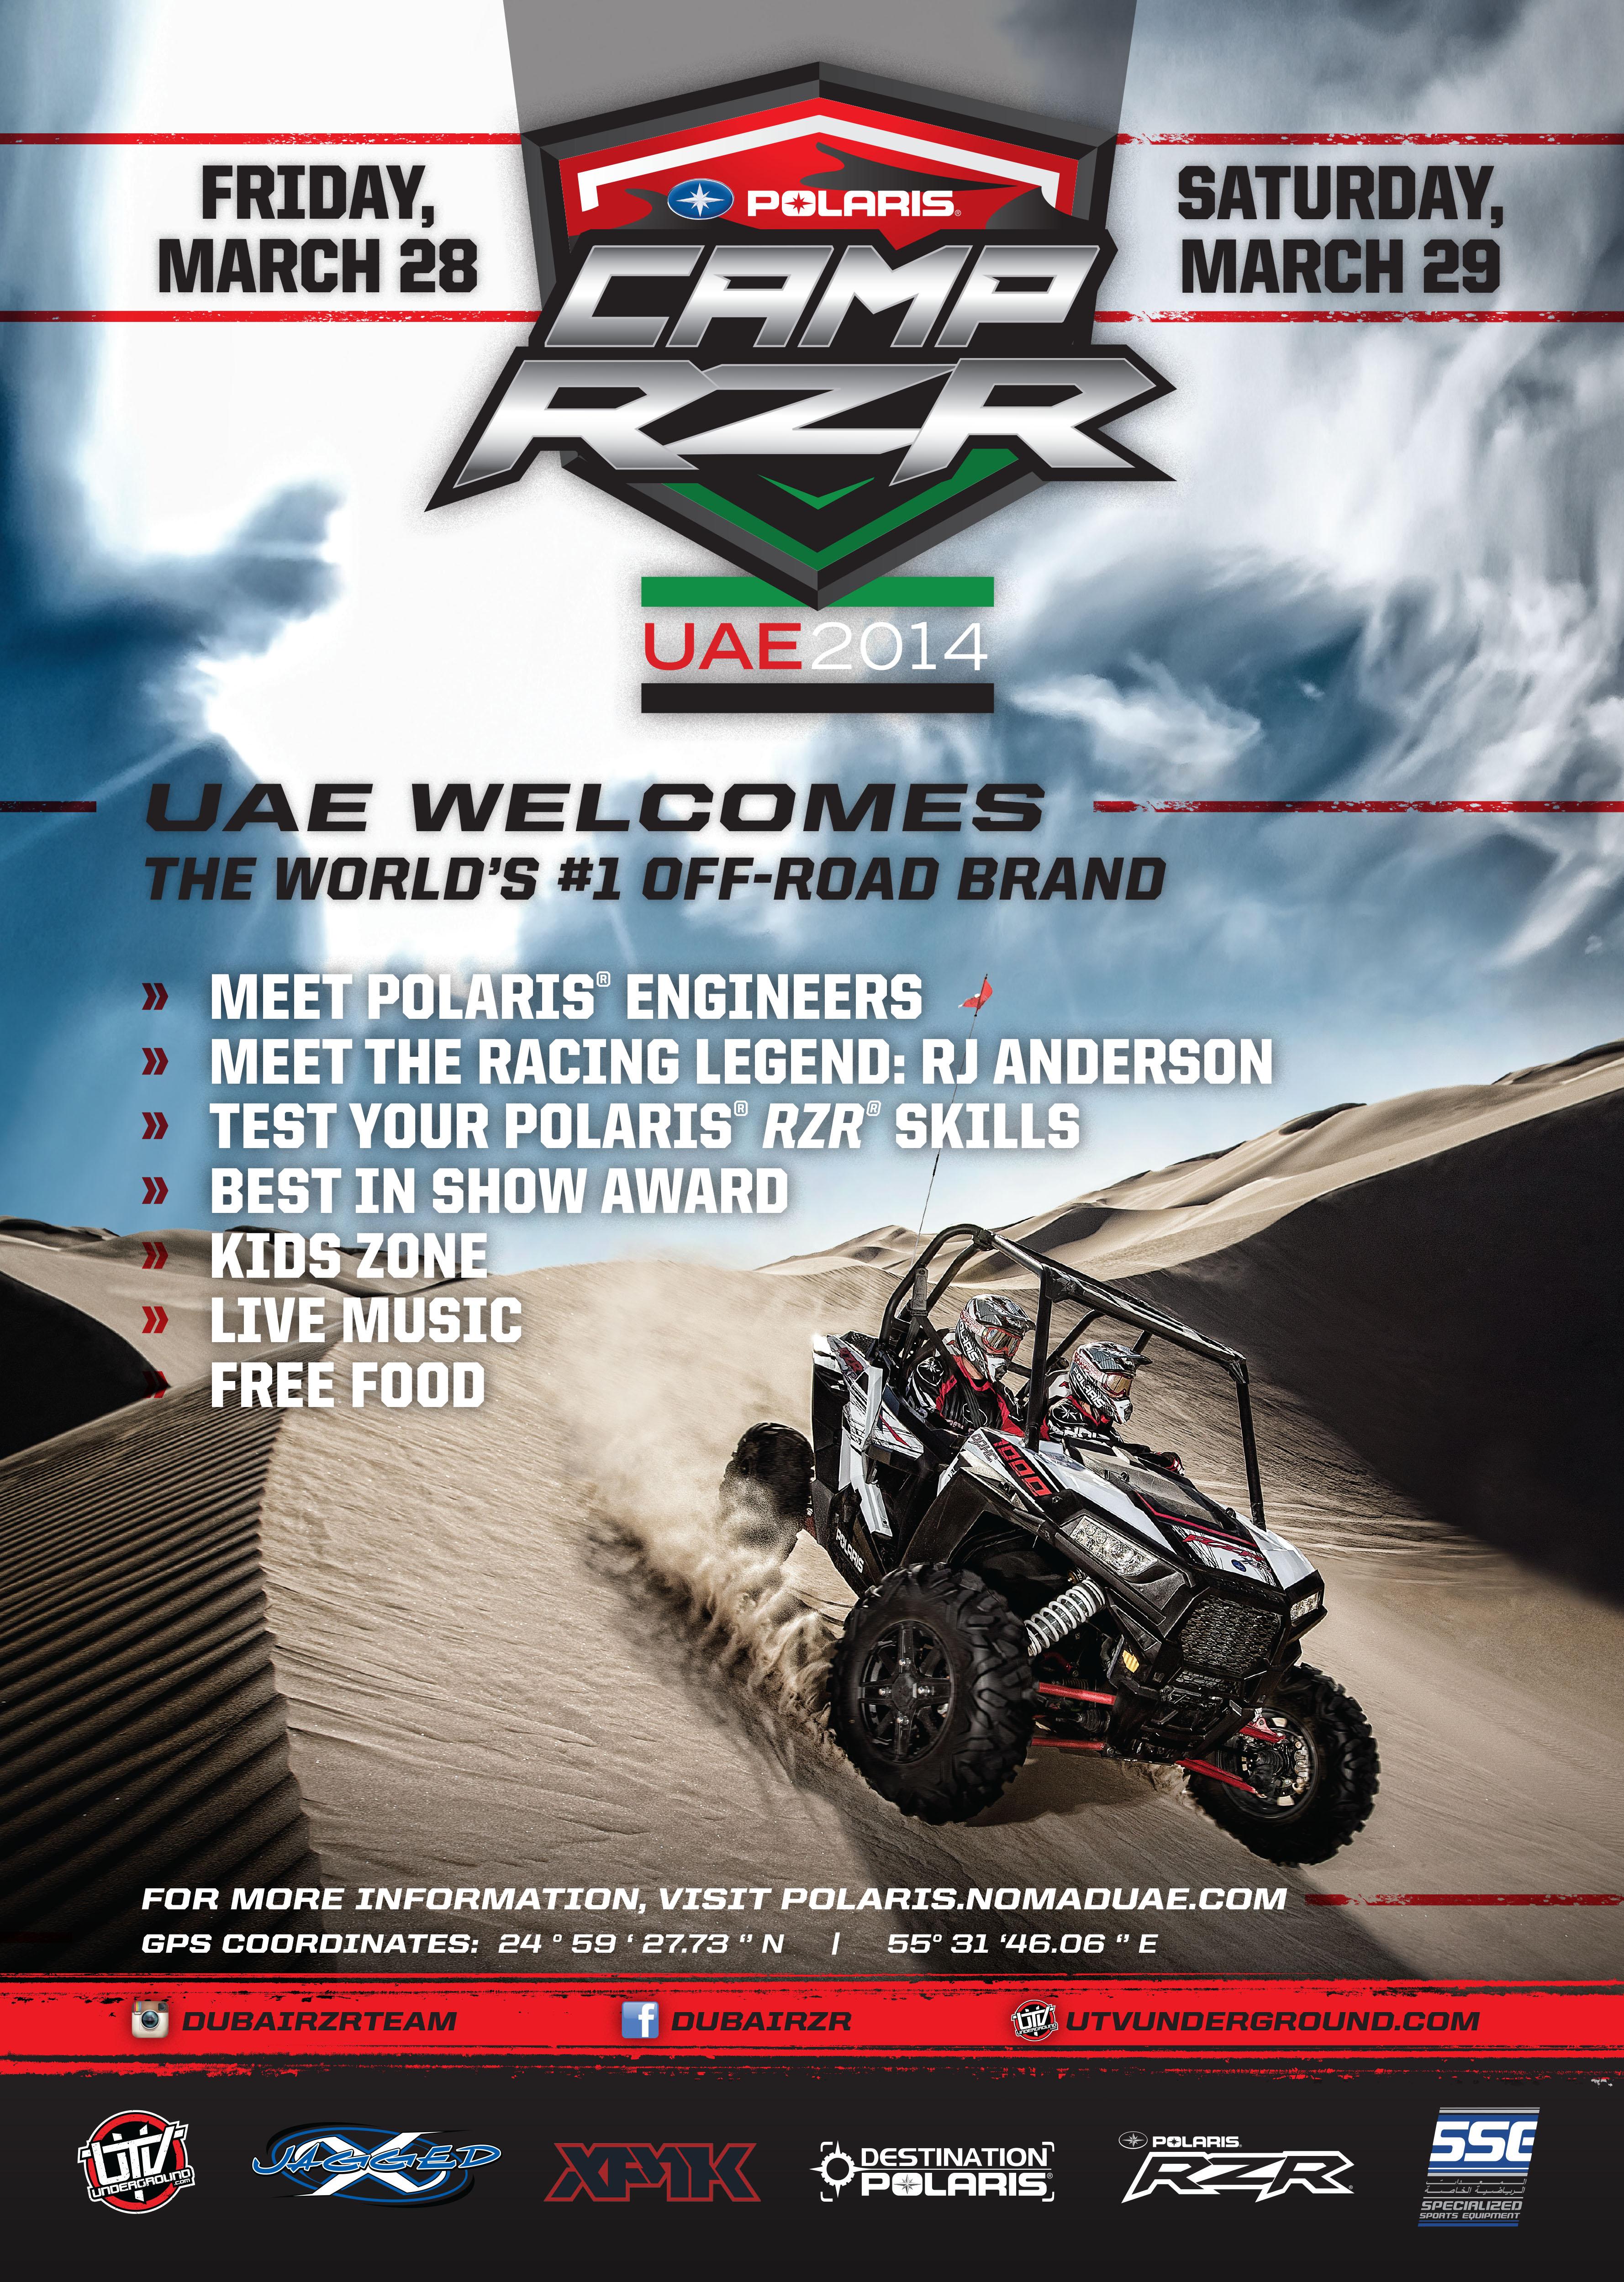 Camp Rzr Dubai Poster copy